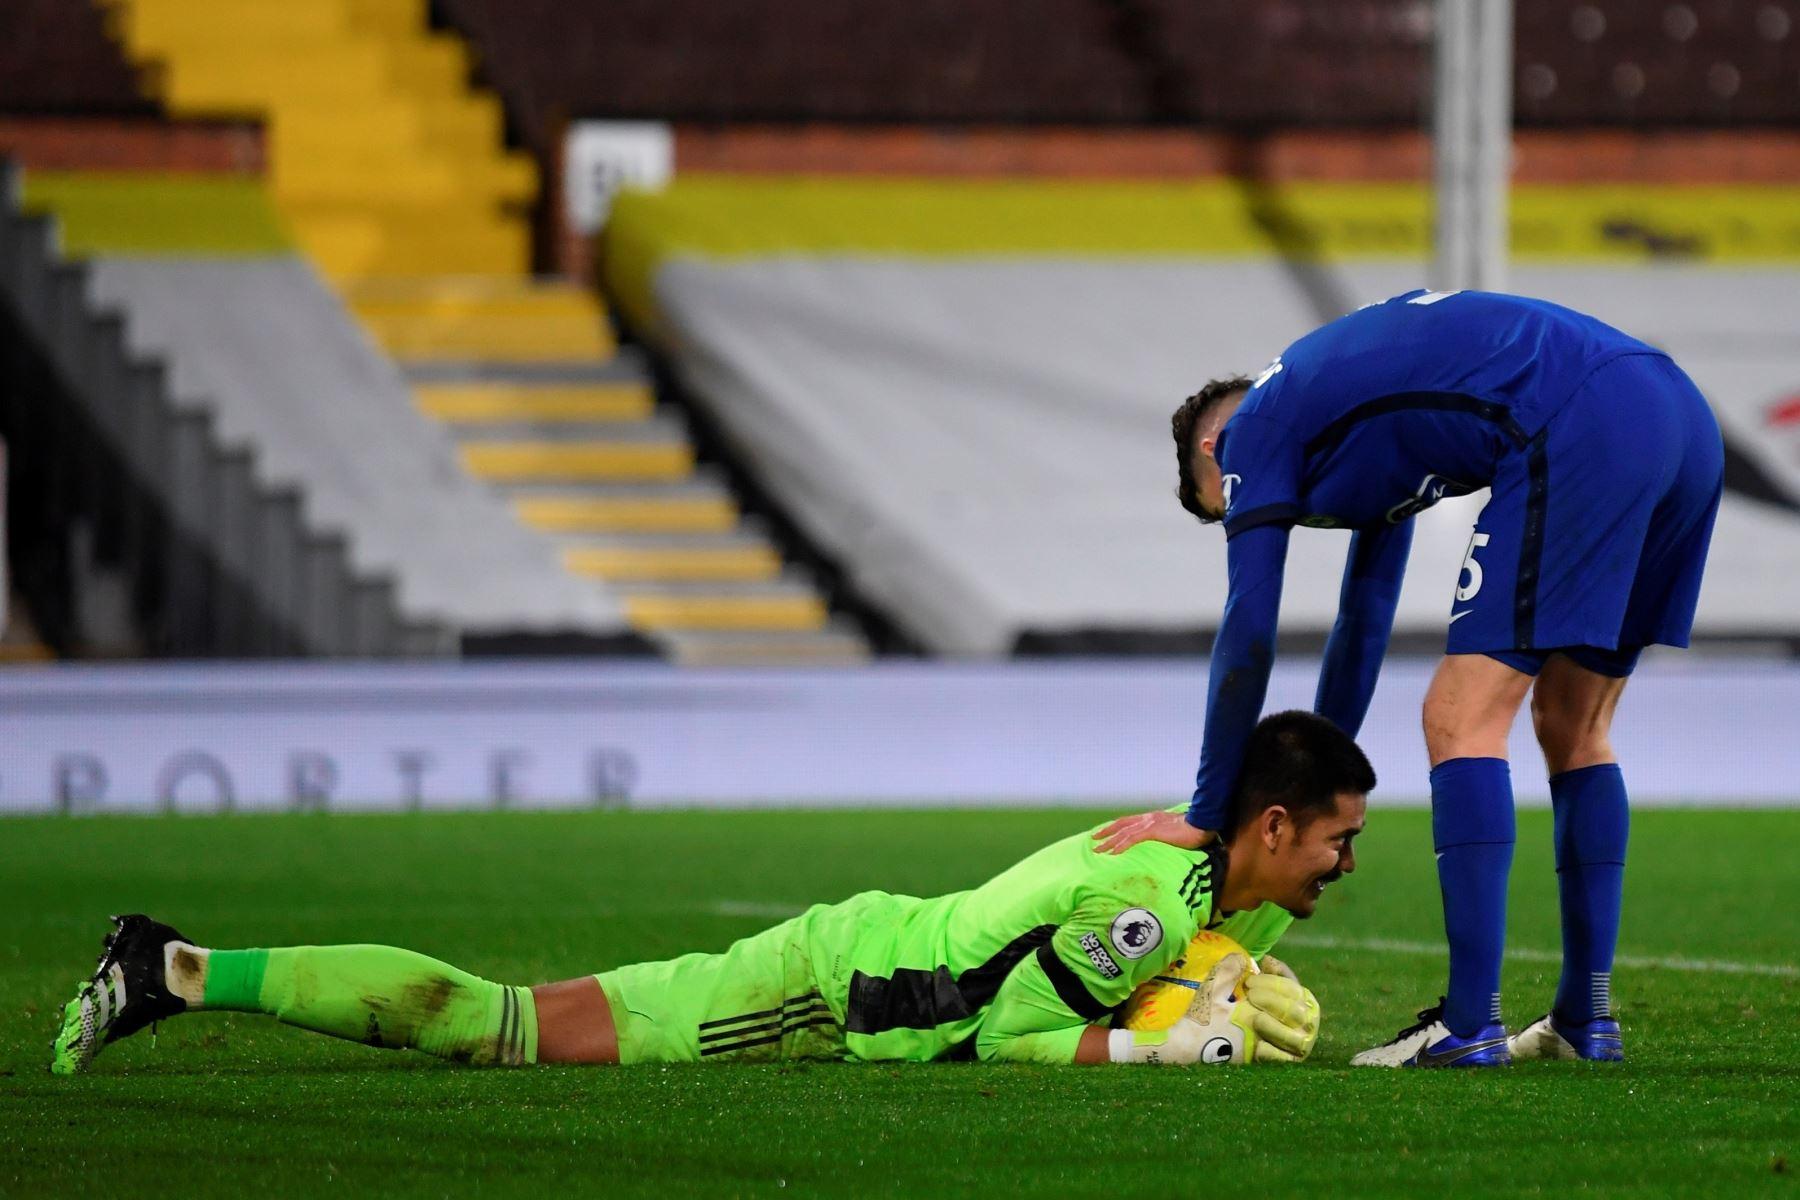 El portero del Fulham Alphonse Areola asegura el balón tras salvarlo frente a Chelsea